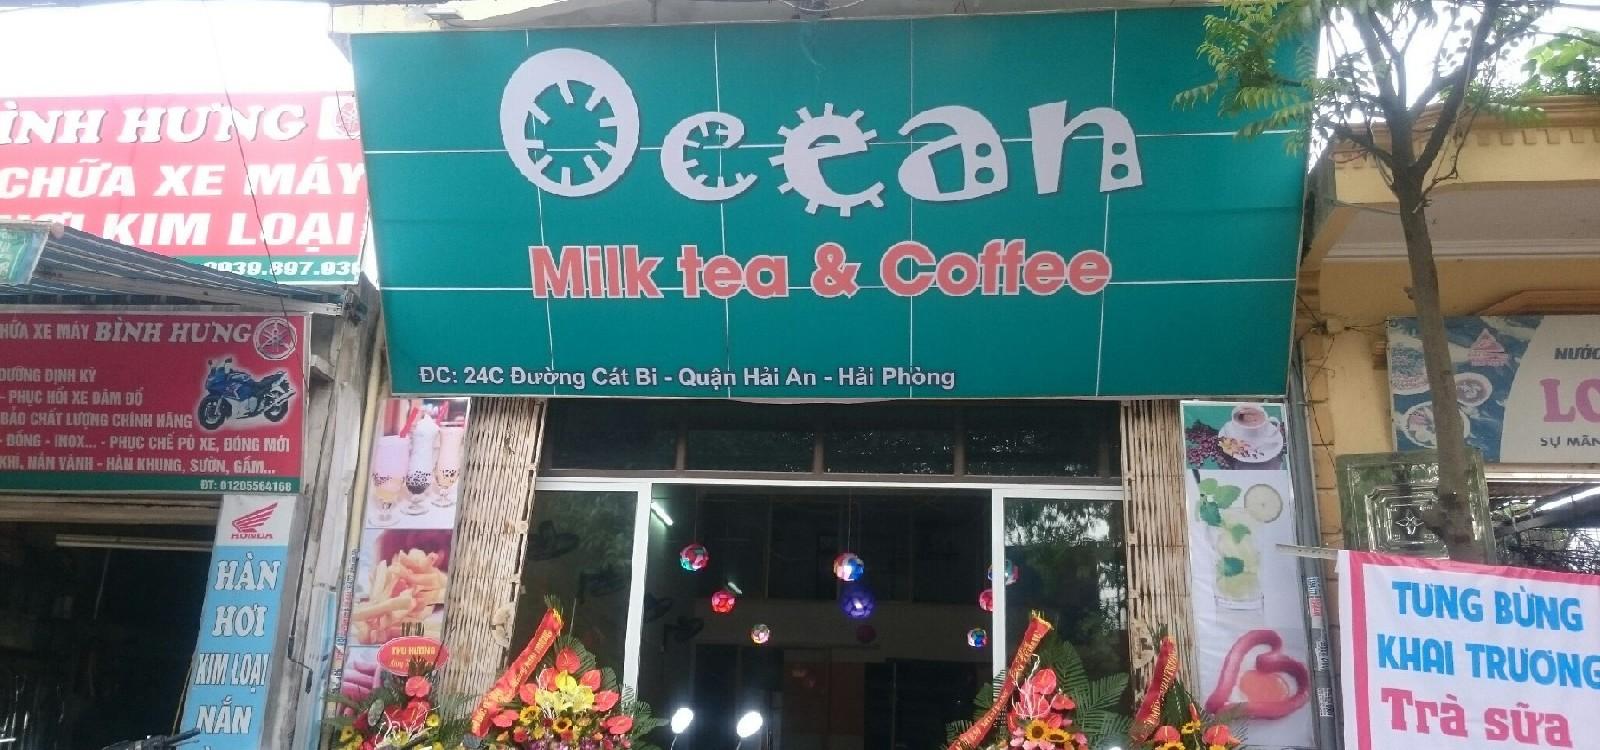 hình ảnh Nội thất quán trà sữa, cafe Ocean 24C Cát Bi, Hải Phòng